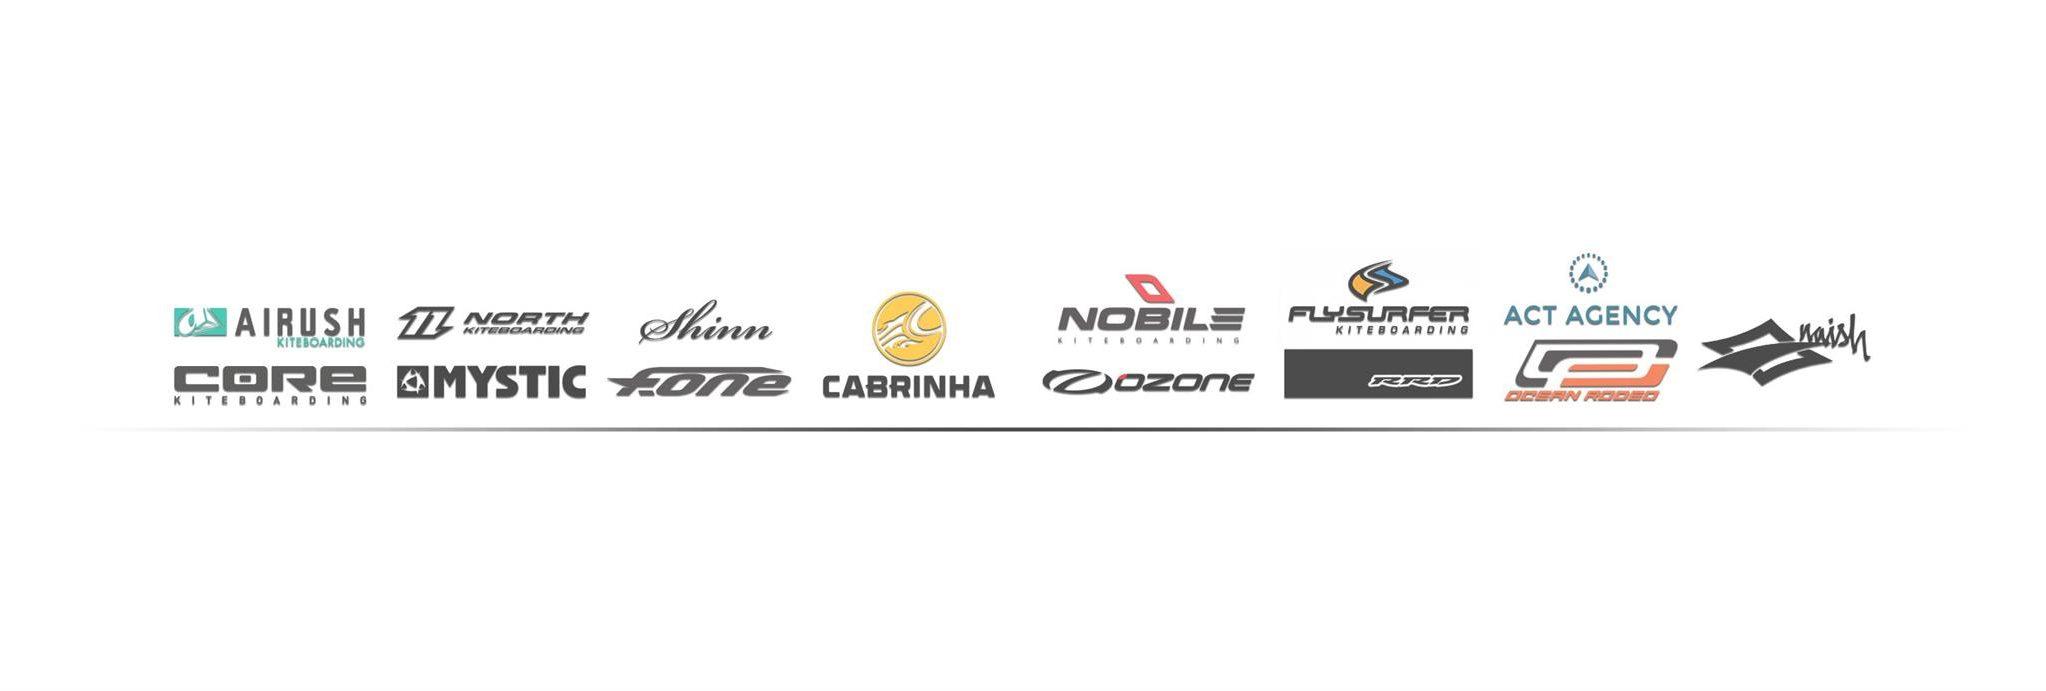 GKA member brands